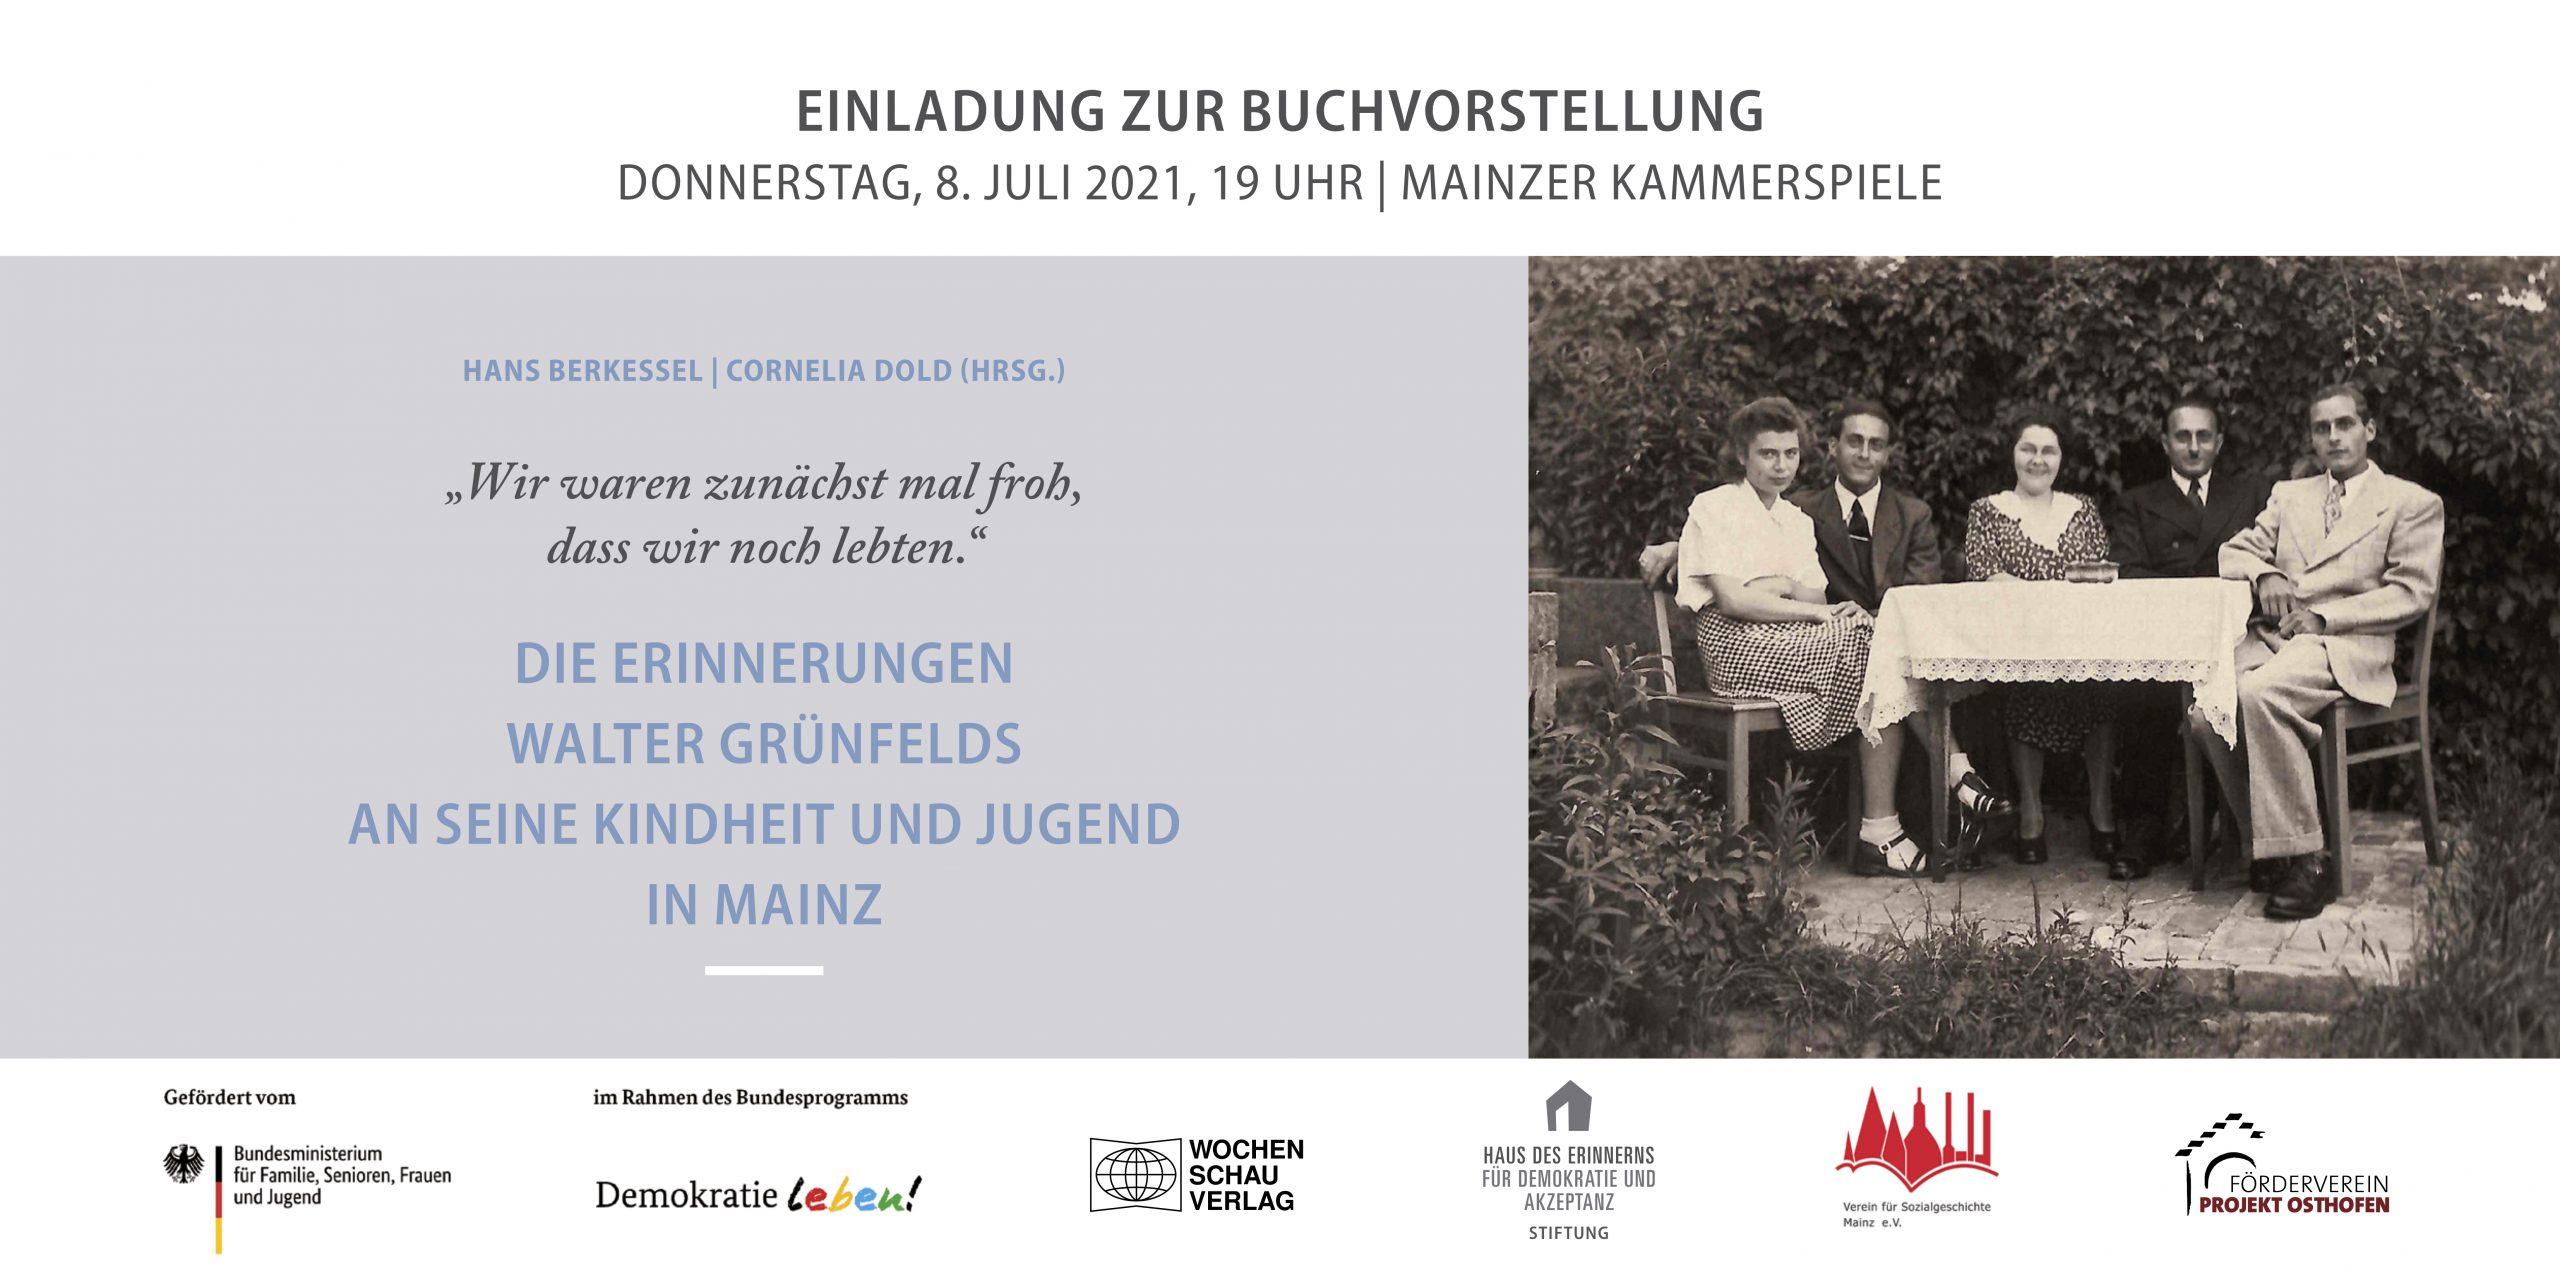 """Einladung zur Buchvorstellung """"Die Erinnerungen Walter Grünfelds an seine Kindheit und Jugend in Mainz"""" (HDE/Mainz, 08. Juli 2021)"""